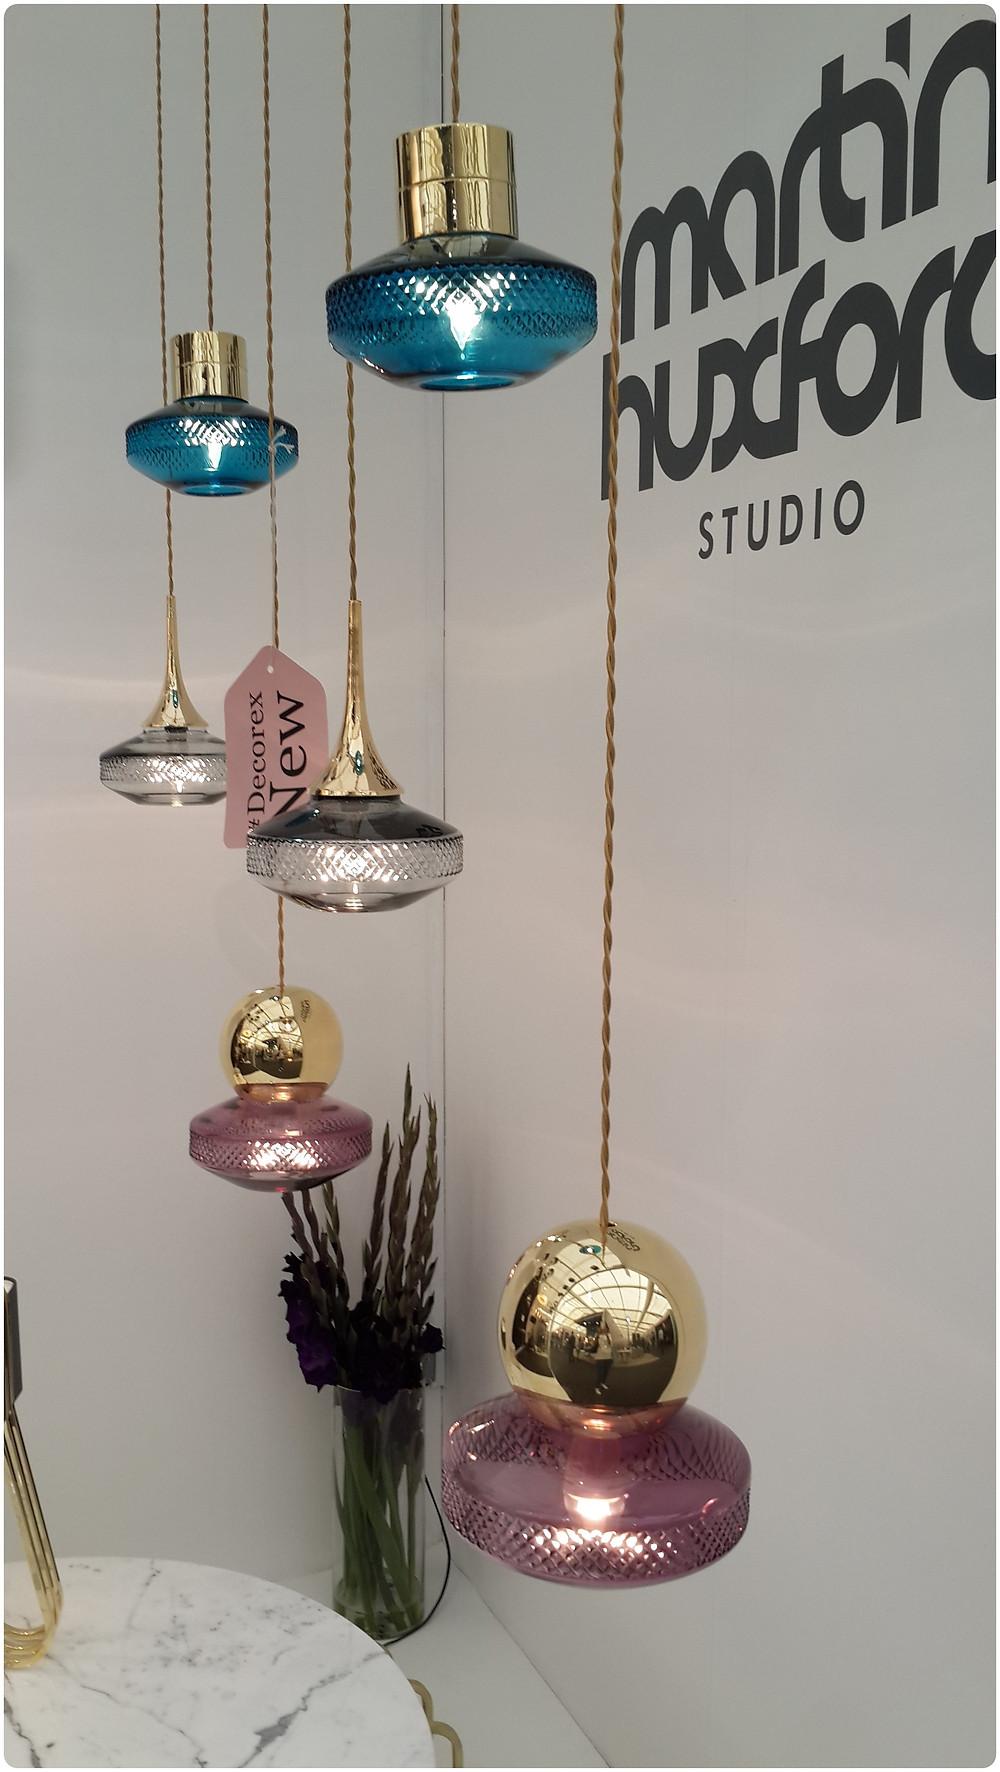 תכשיטי תאורה תערוכת העיצוב בלונדון צילום ועריכה: רויטל רודצקי עיצוב פנים והום סטיילינג